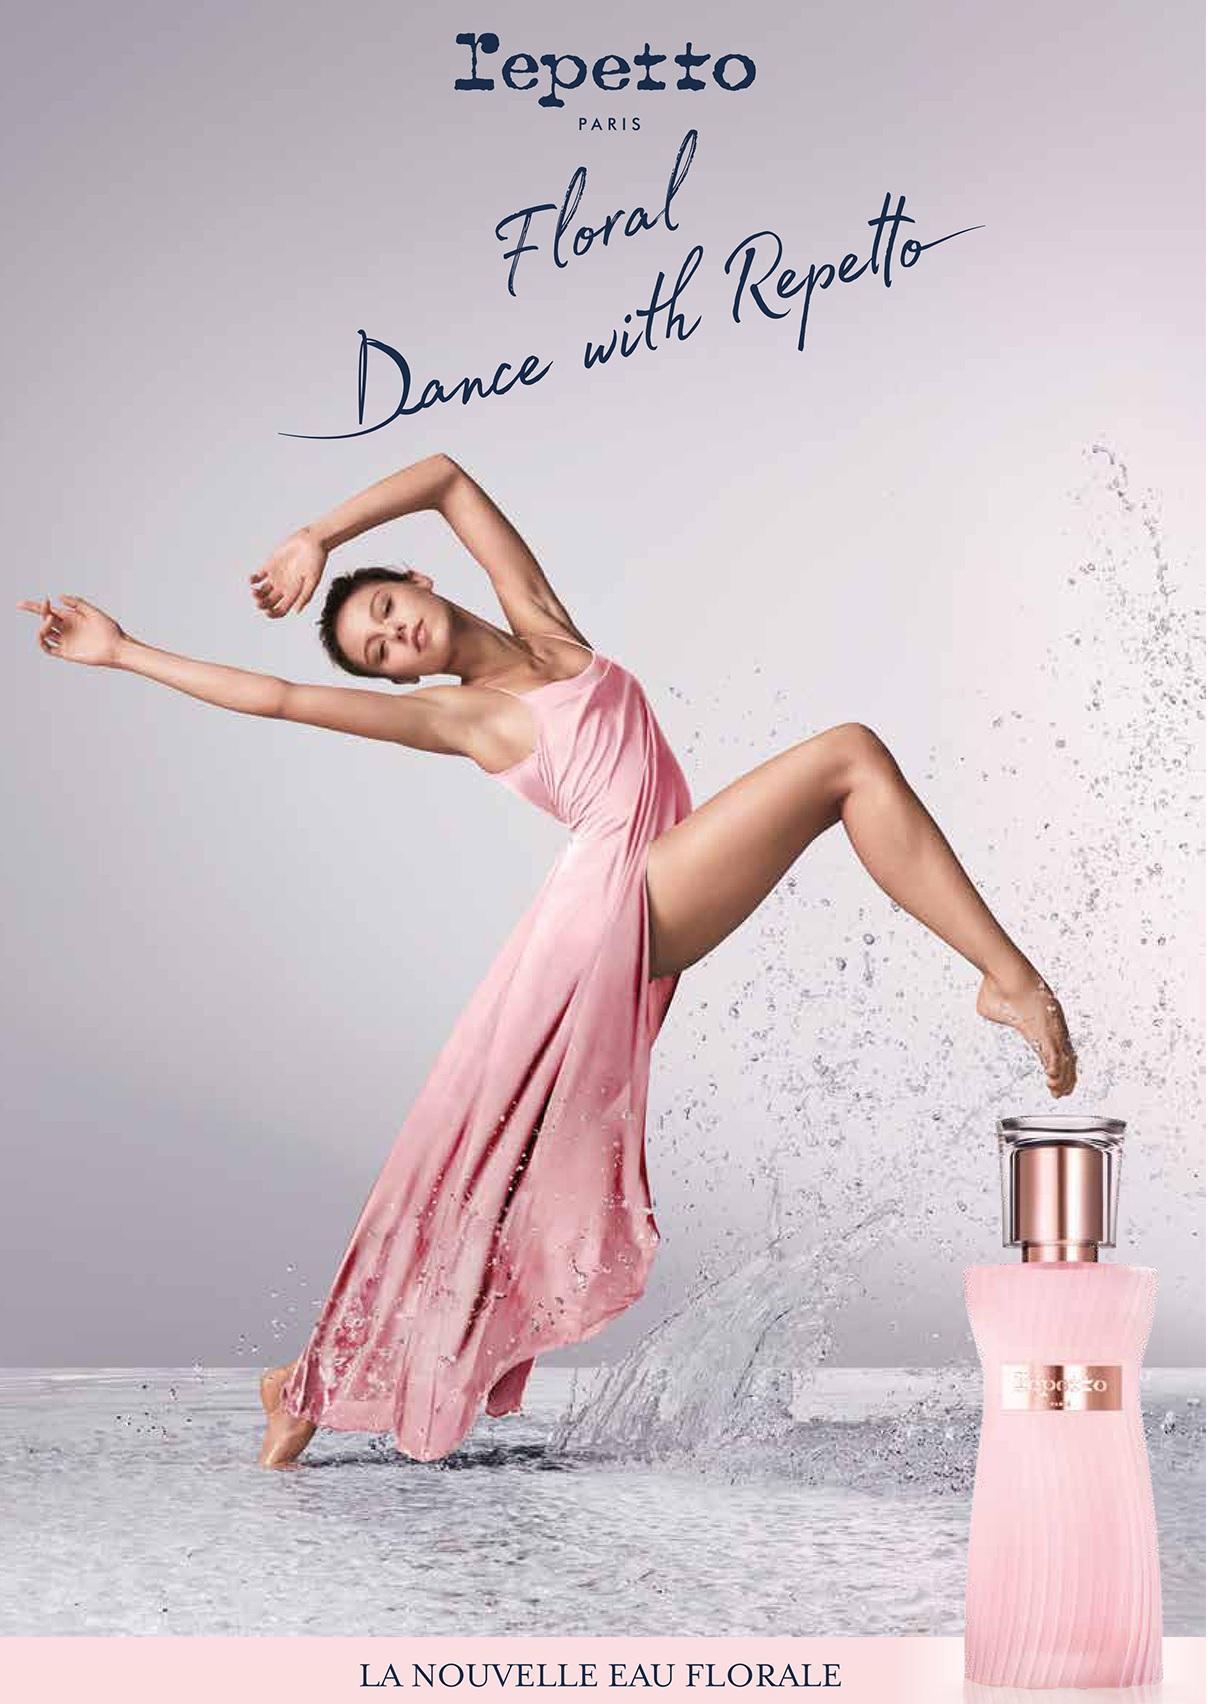 Repetto Dance Florale With Nouveaux Parfums ~ uTJ3cl1KF